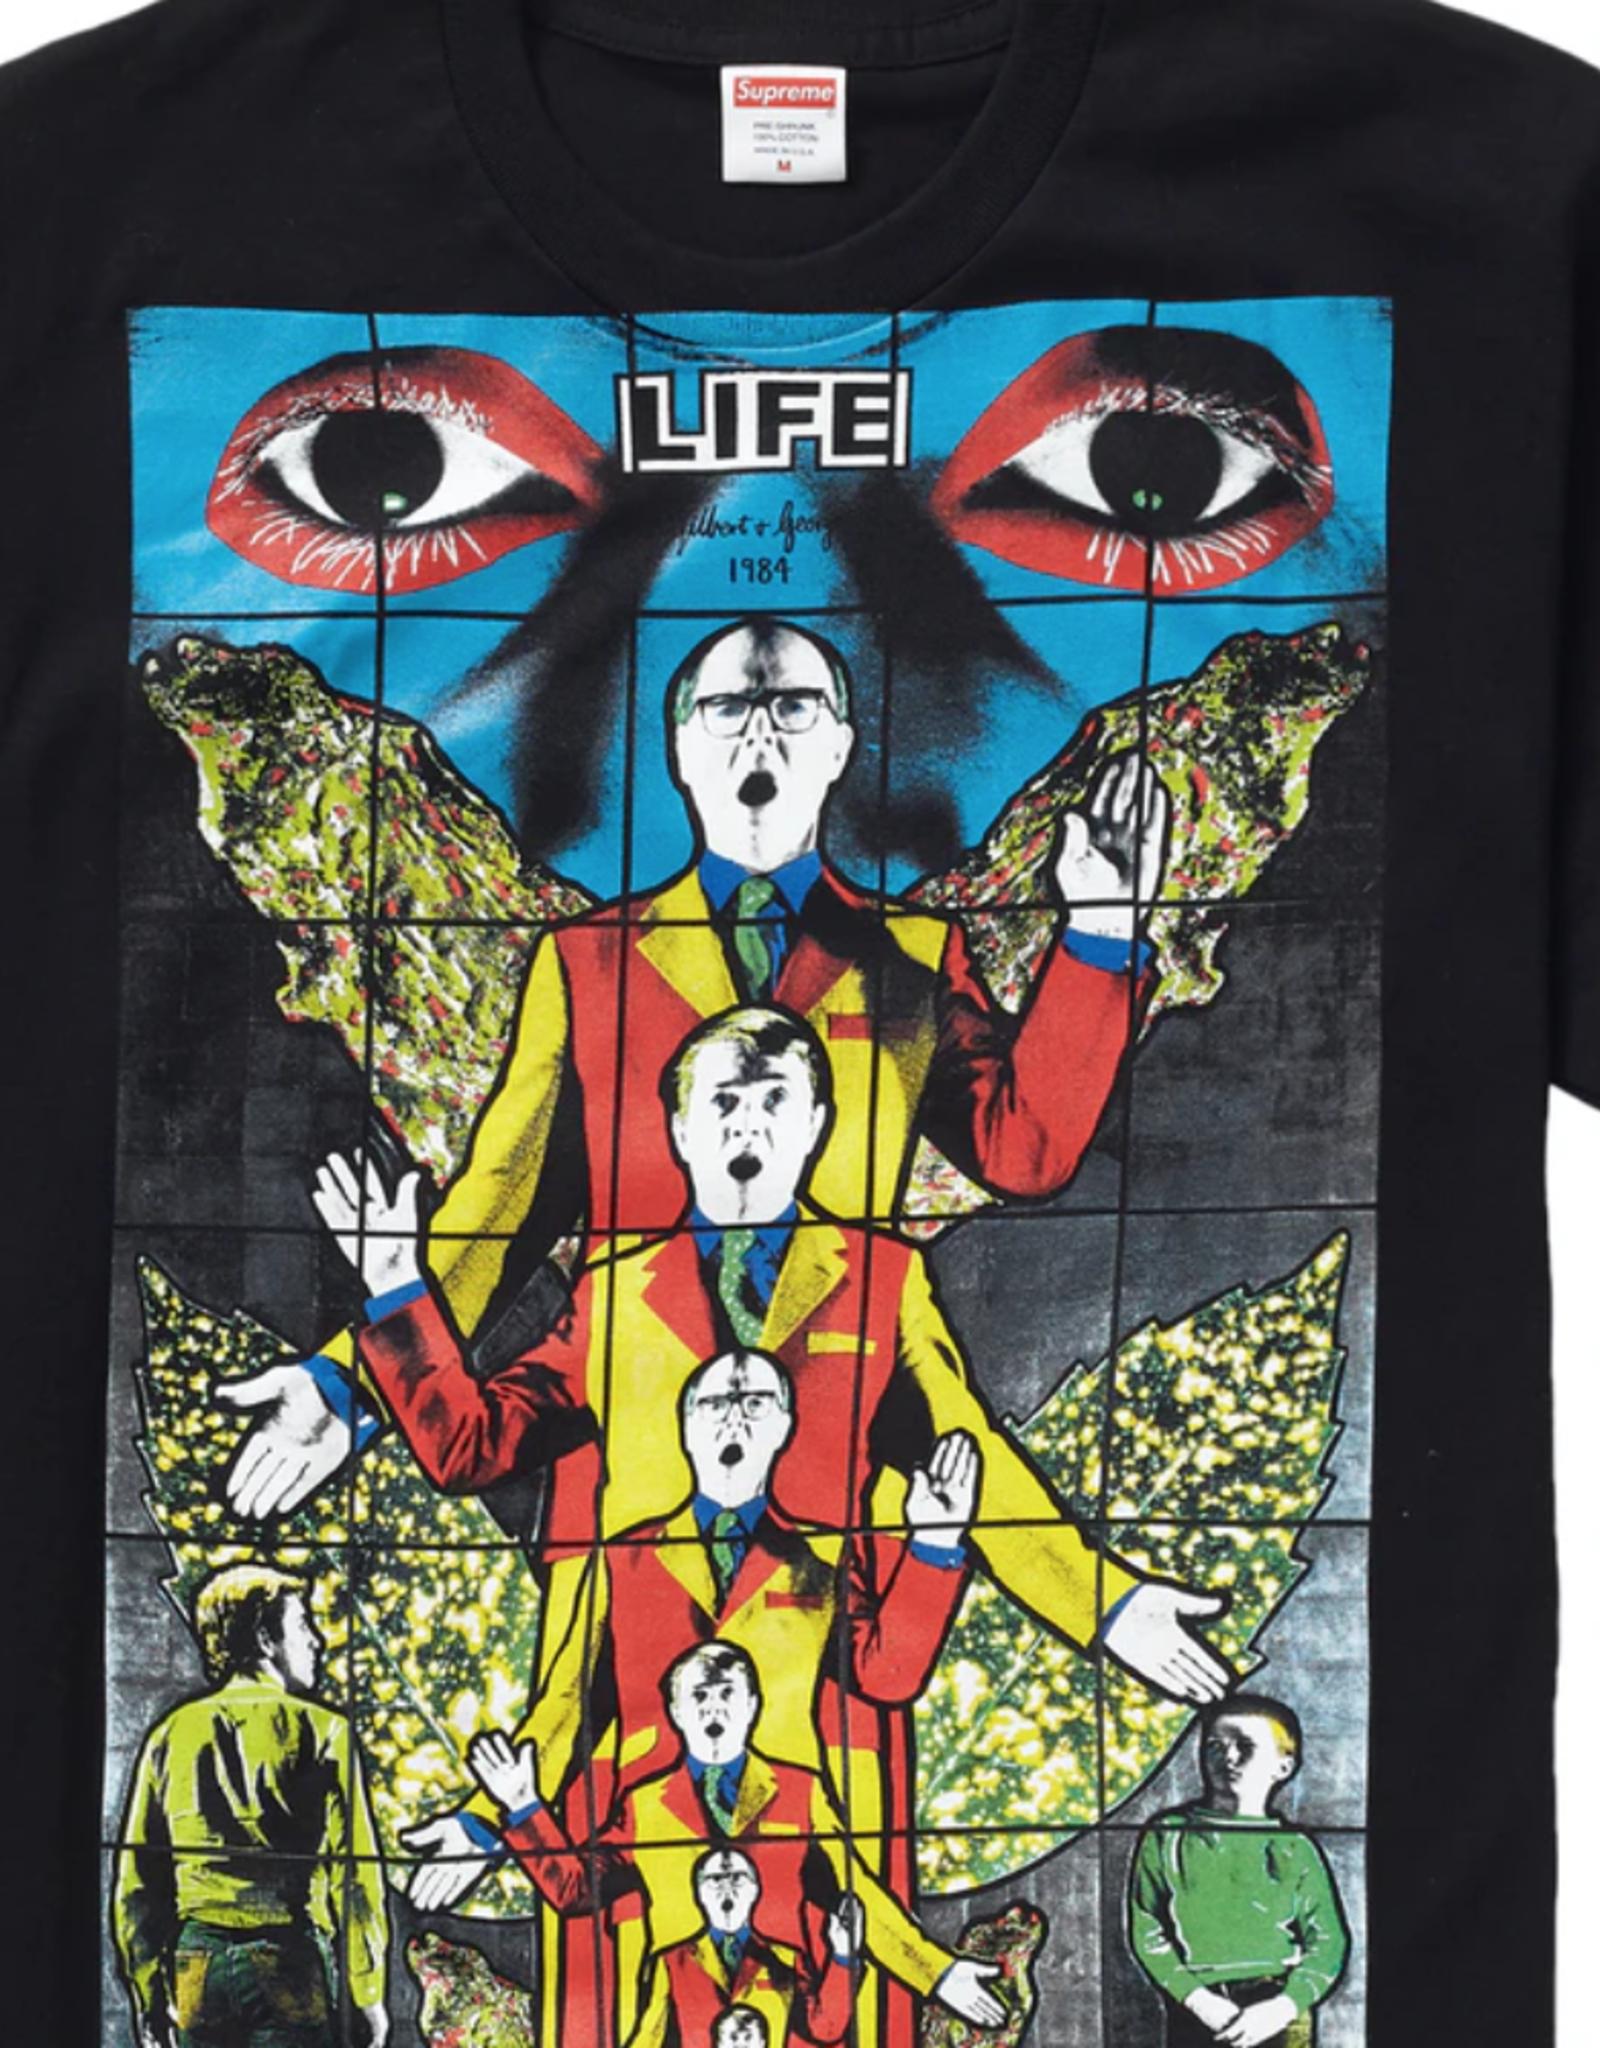 SUPREME Supreme Gilbert & George LIFE Tee Black - XL